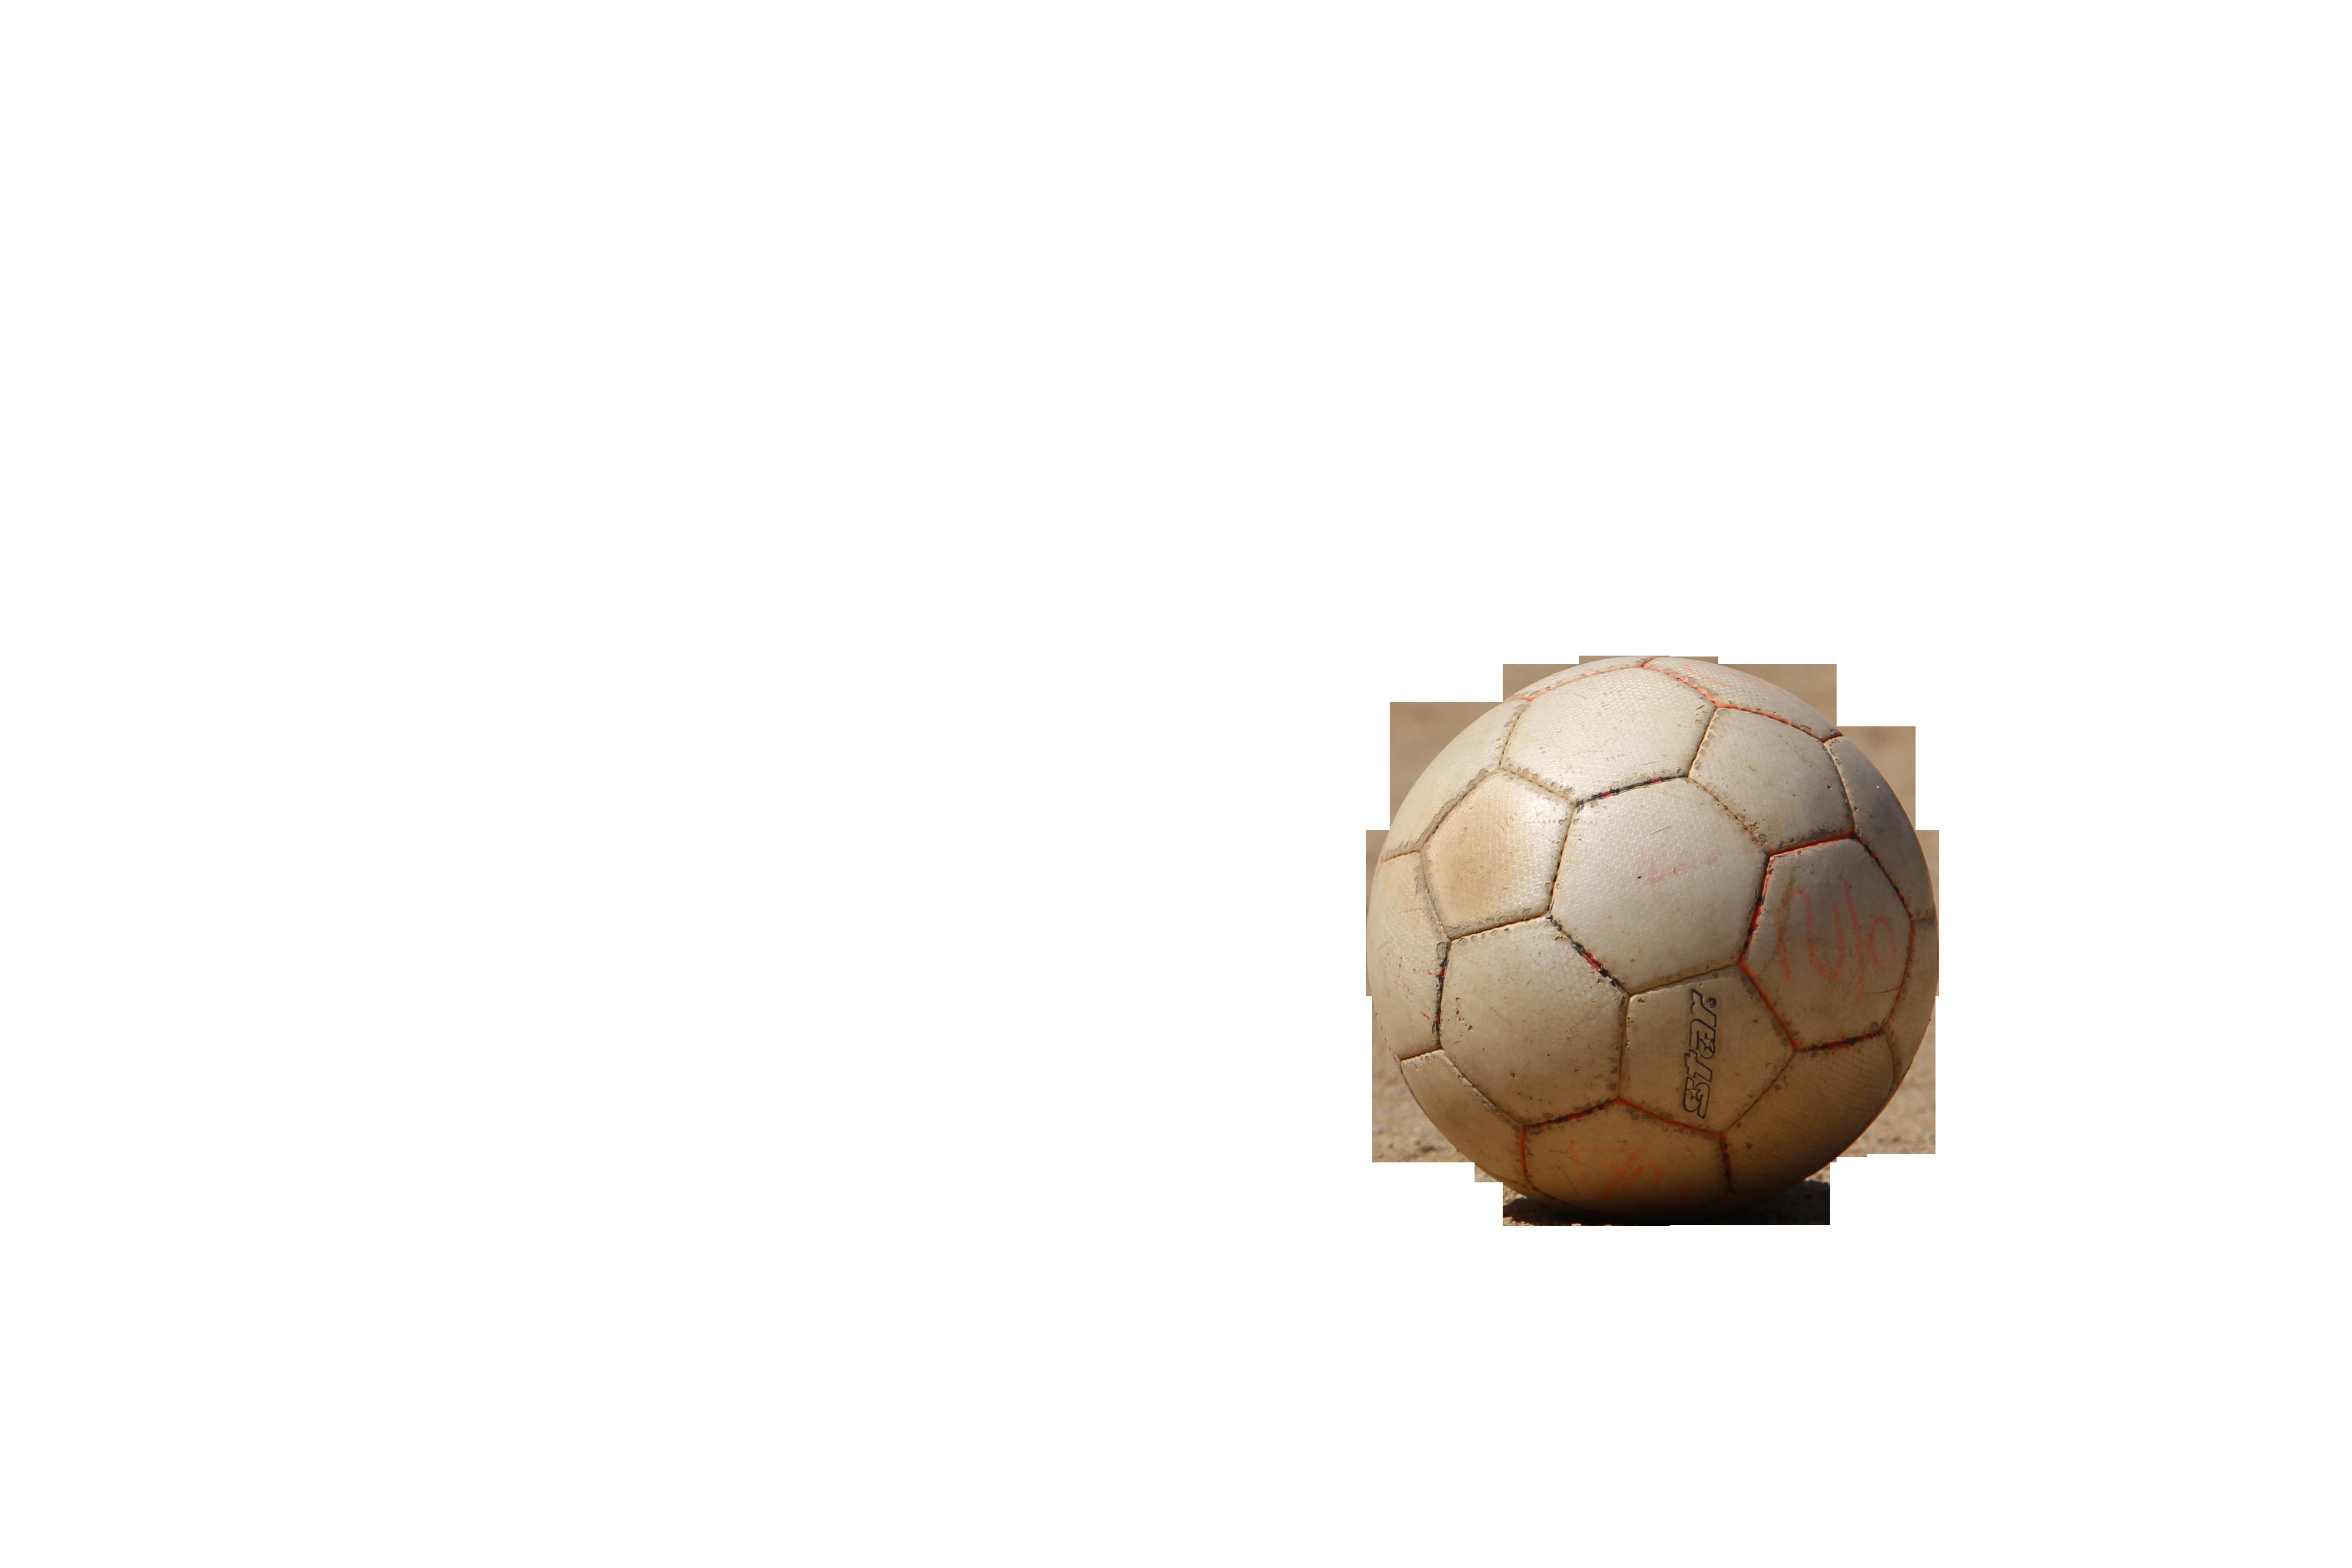 ball-784174_Clip